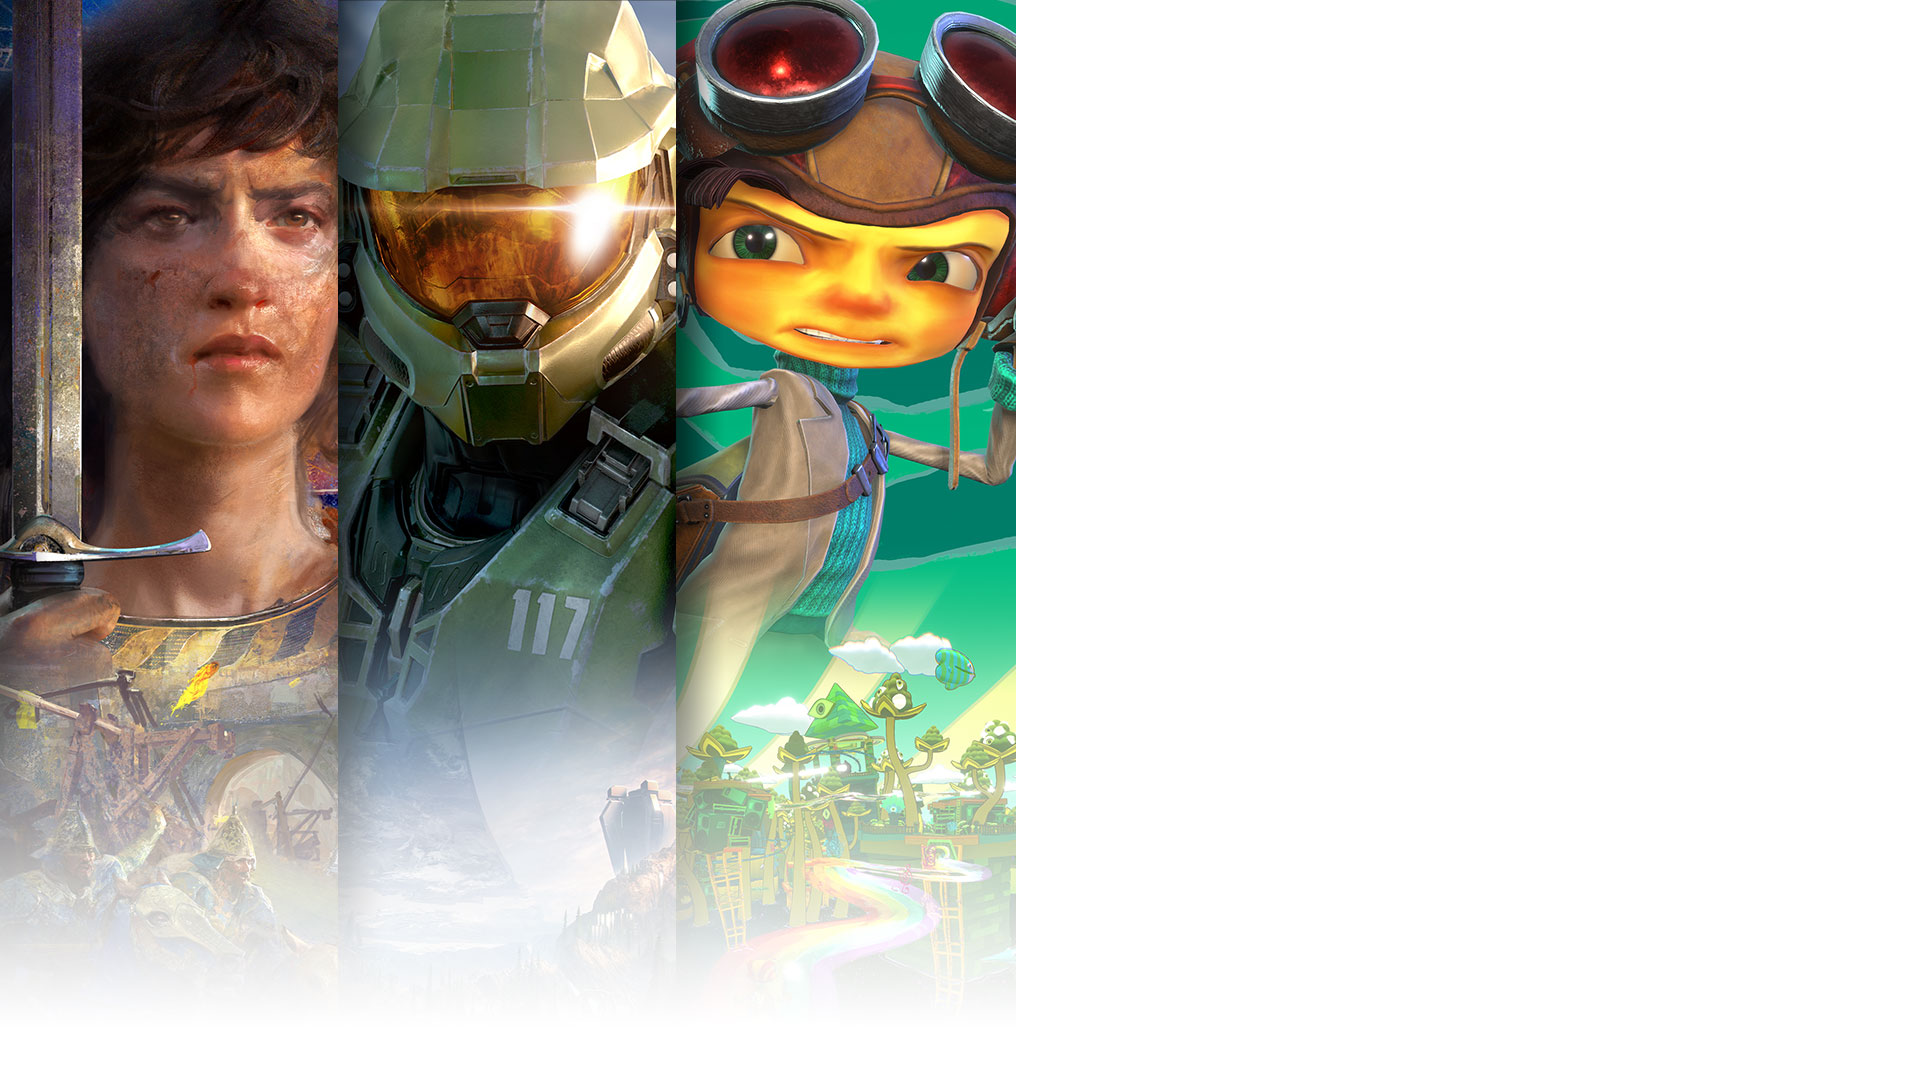 Ensemble de personnages d'Age of EmpiresIV, Halo Infinite et Psychonauts2